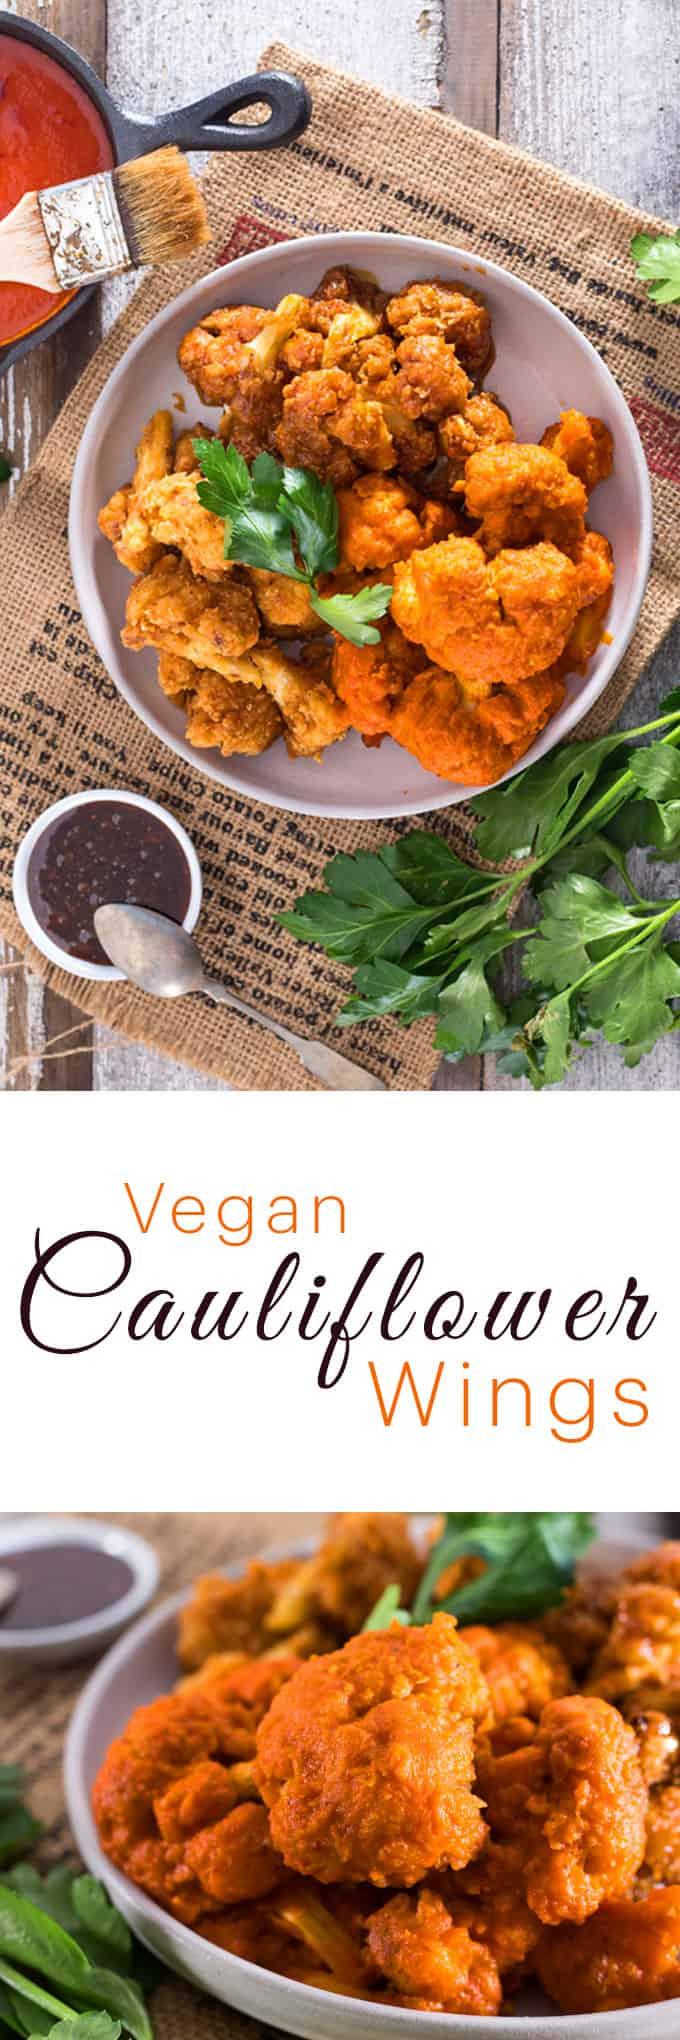 Buffalo CAULIFLOWER WINGS   Vegan Ranch Dip   VEGAN